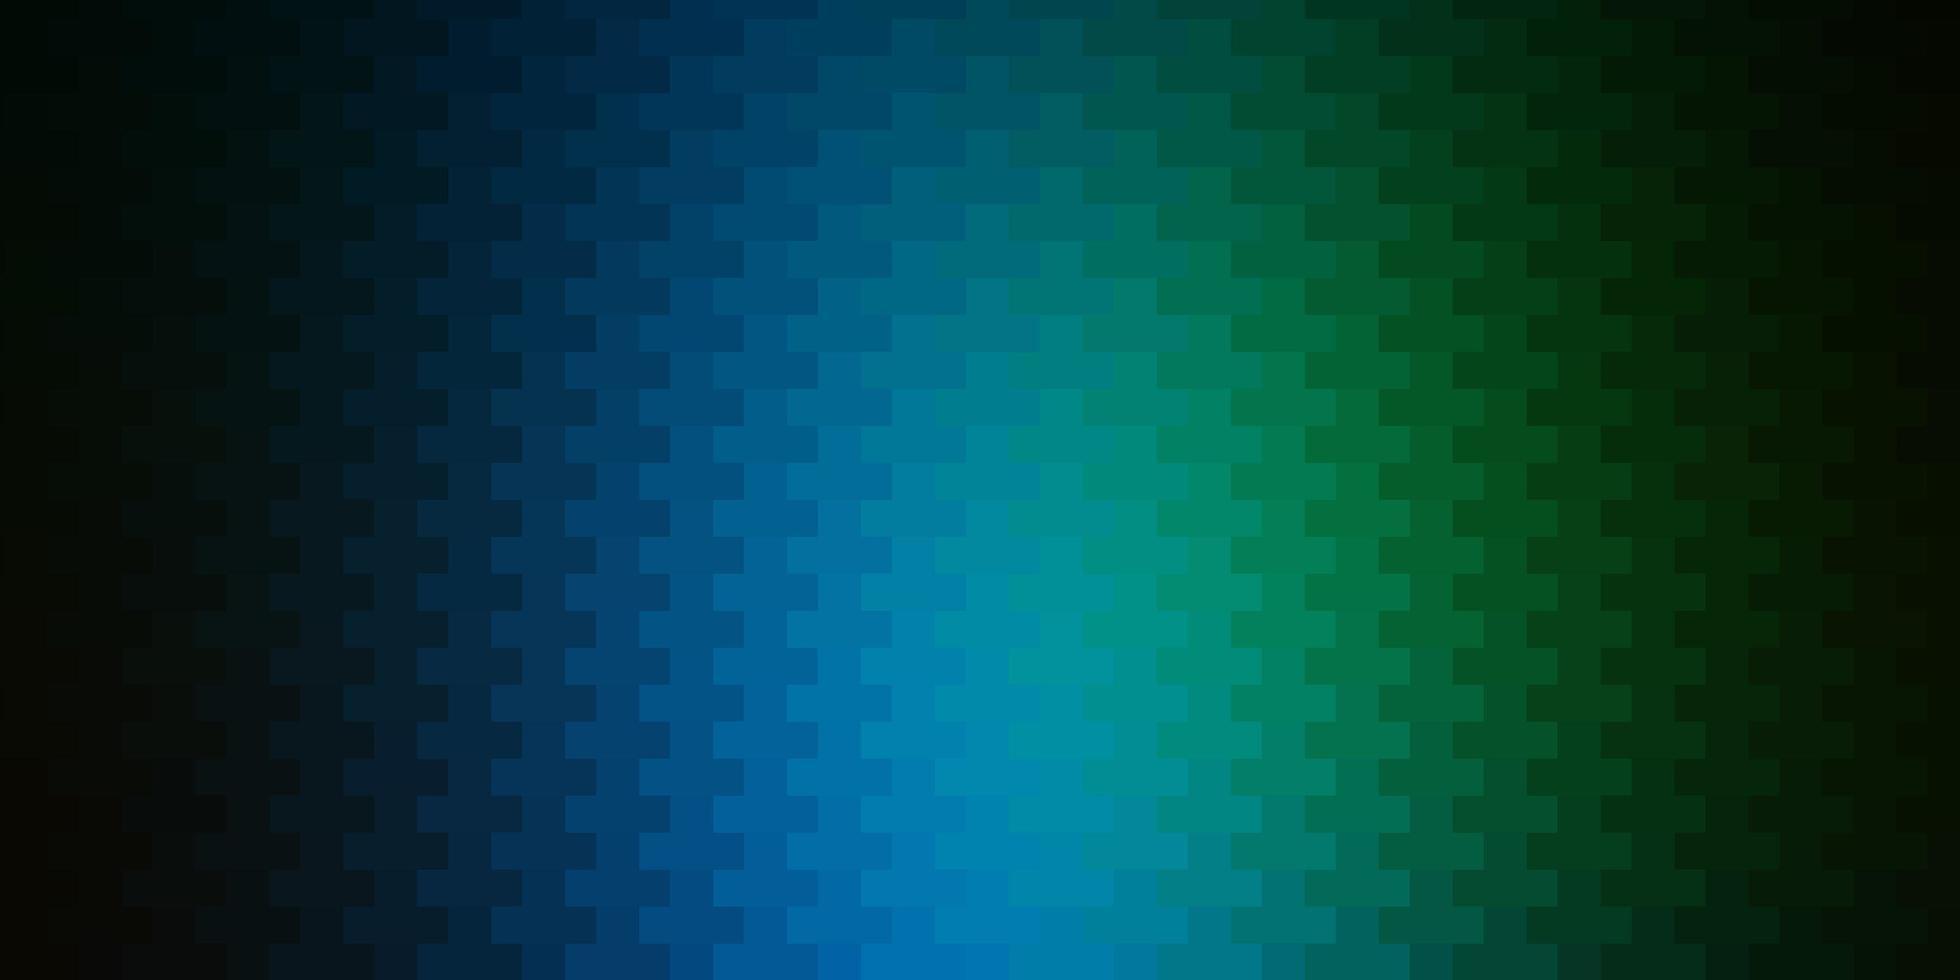 donkerblauwe, groene vectorlay-out met lijnen, rechthoeken. vector